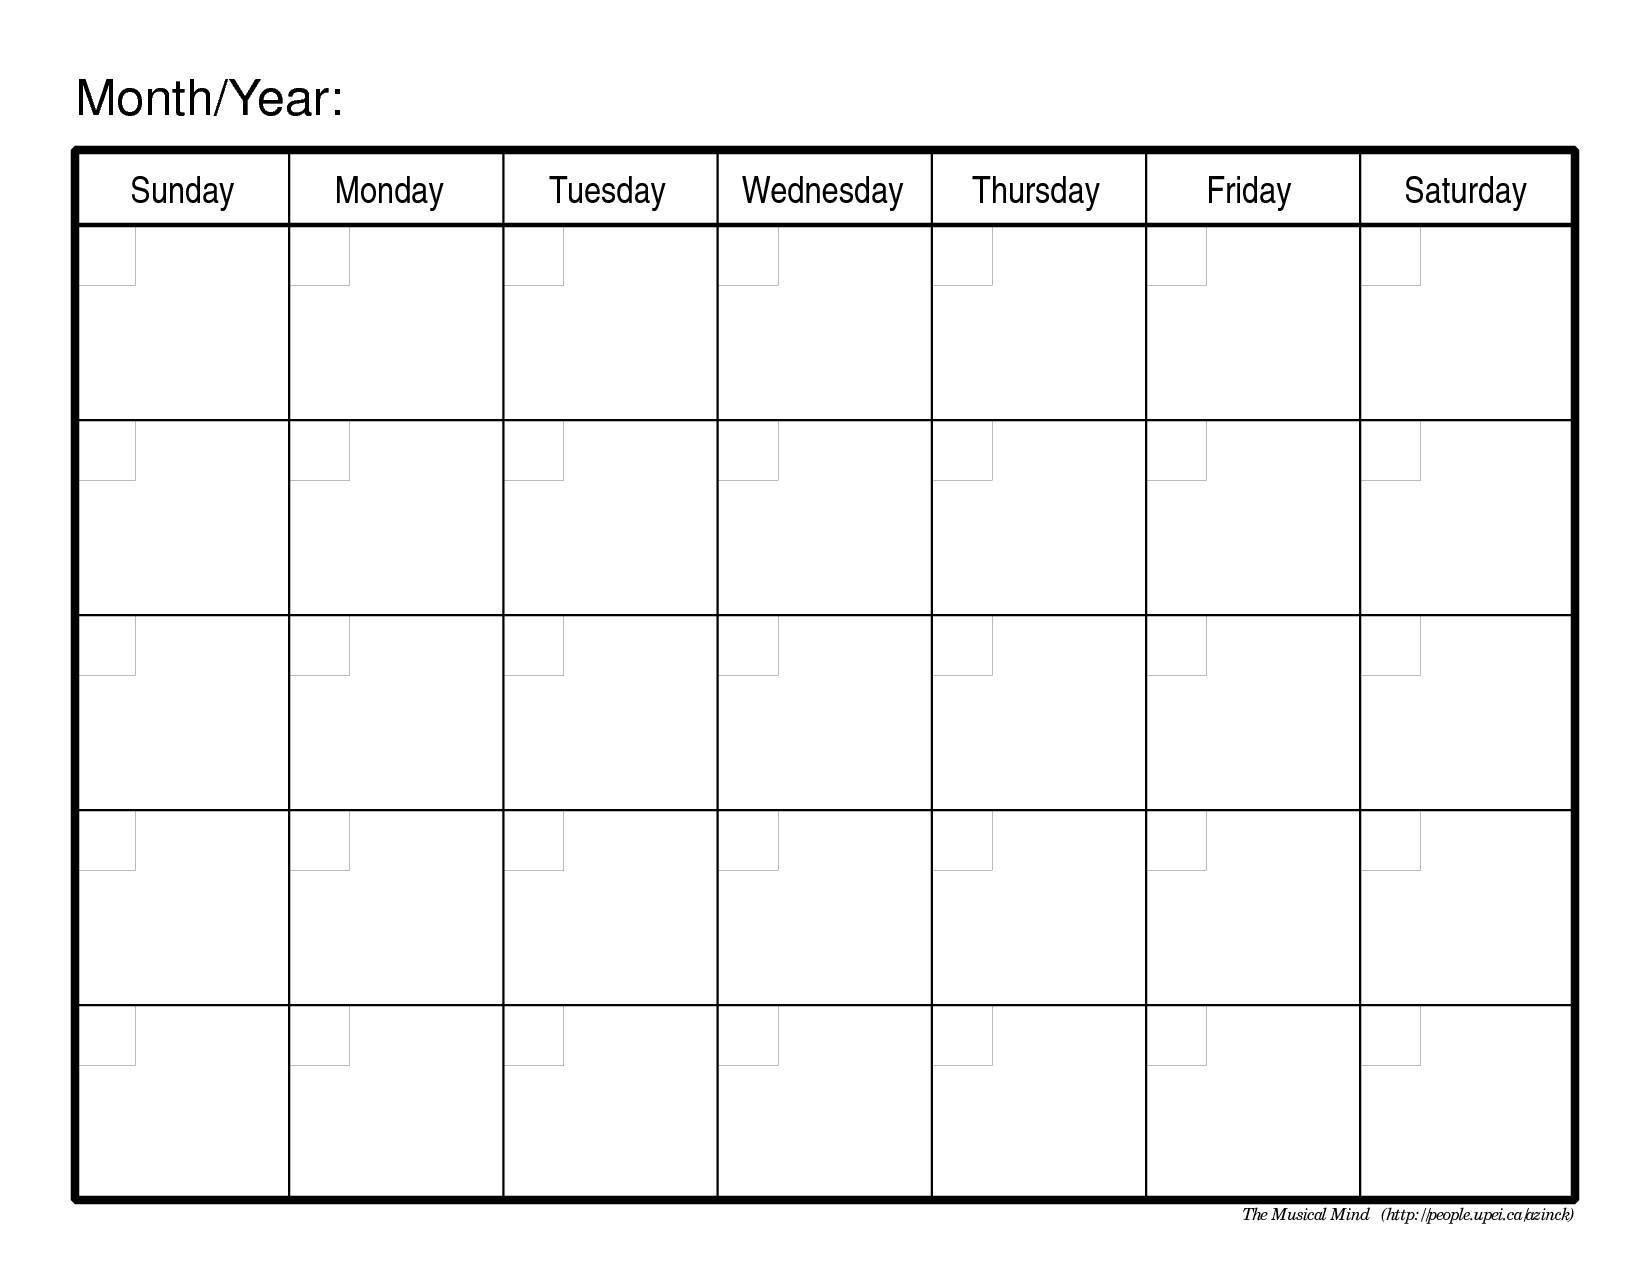 Fillable Calendar Printable Calendar Templates Free Blank Calendar inside Free Blank Calendar Templates To Print